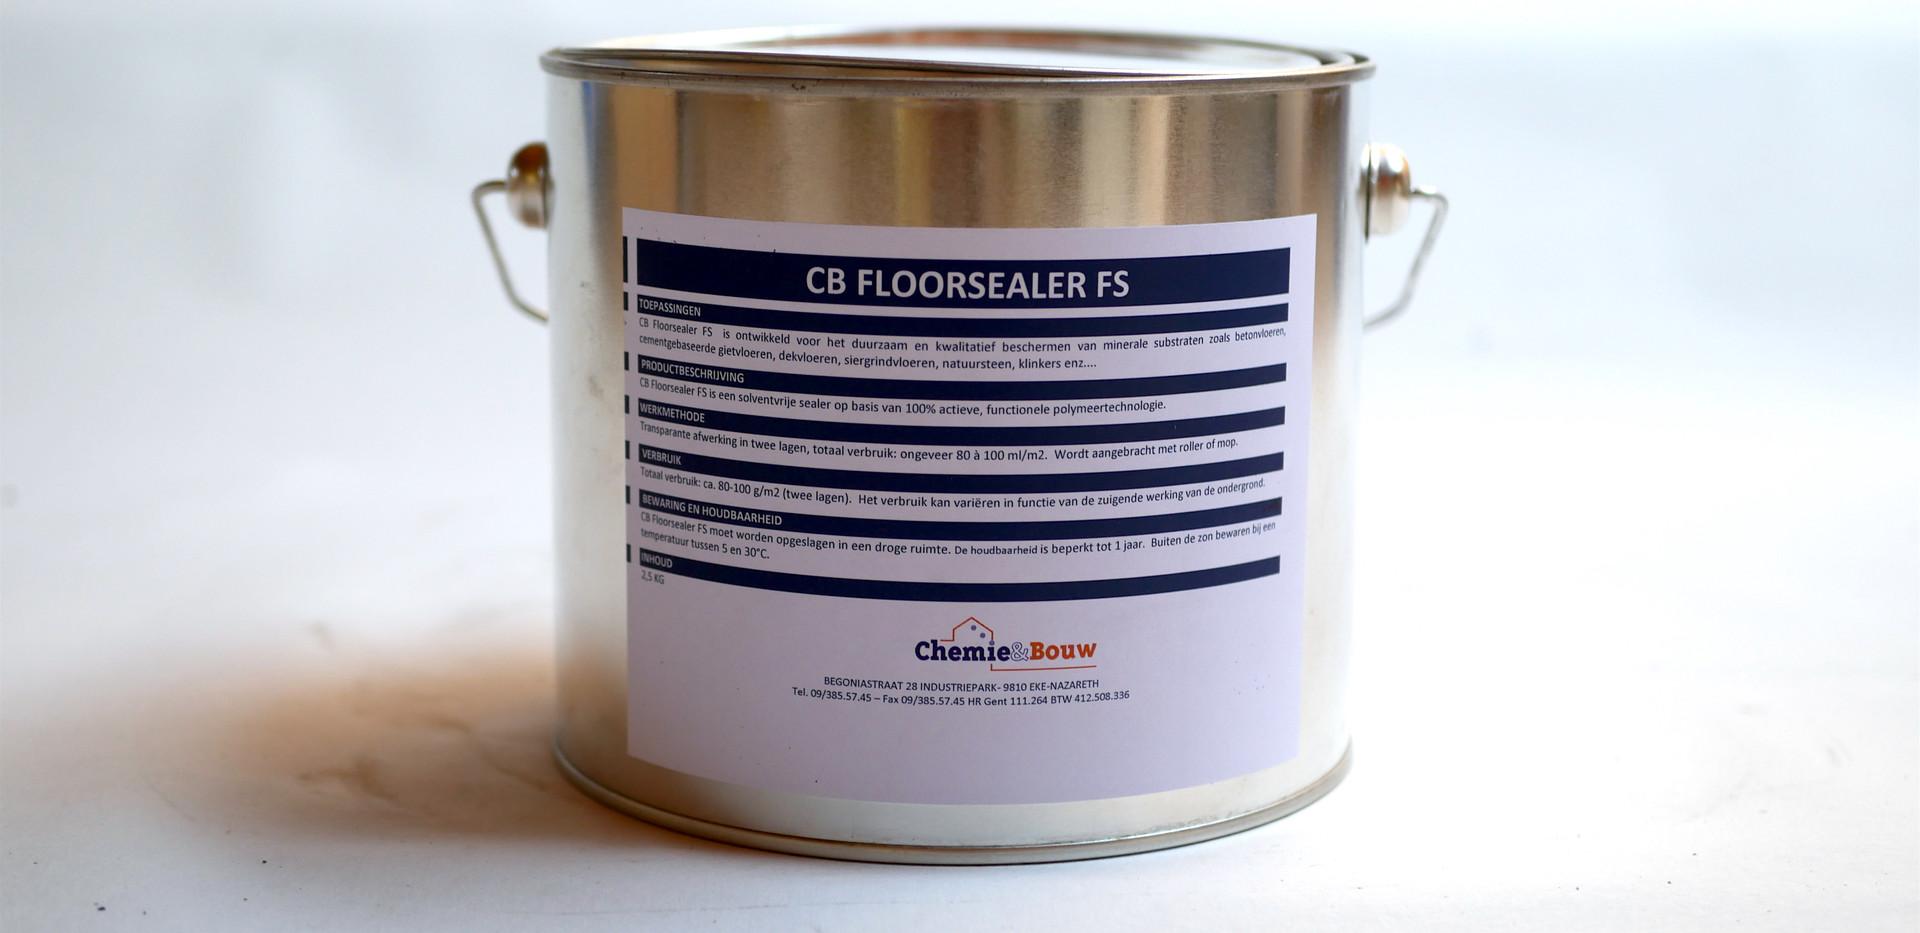 CB Floorsealer FS